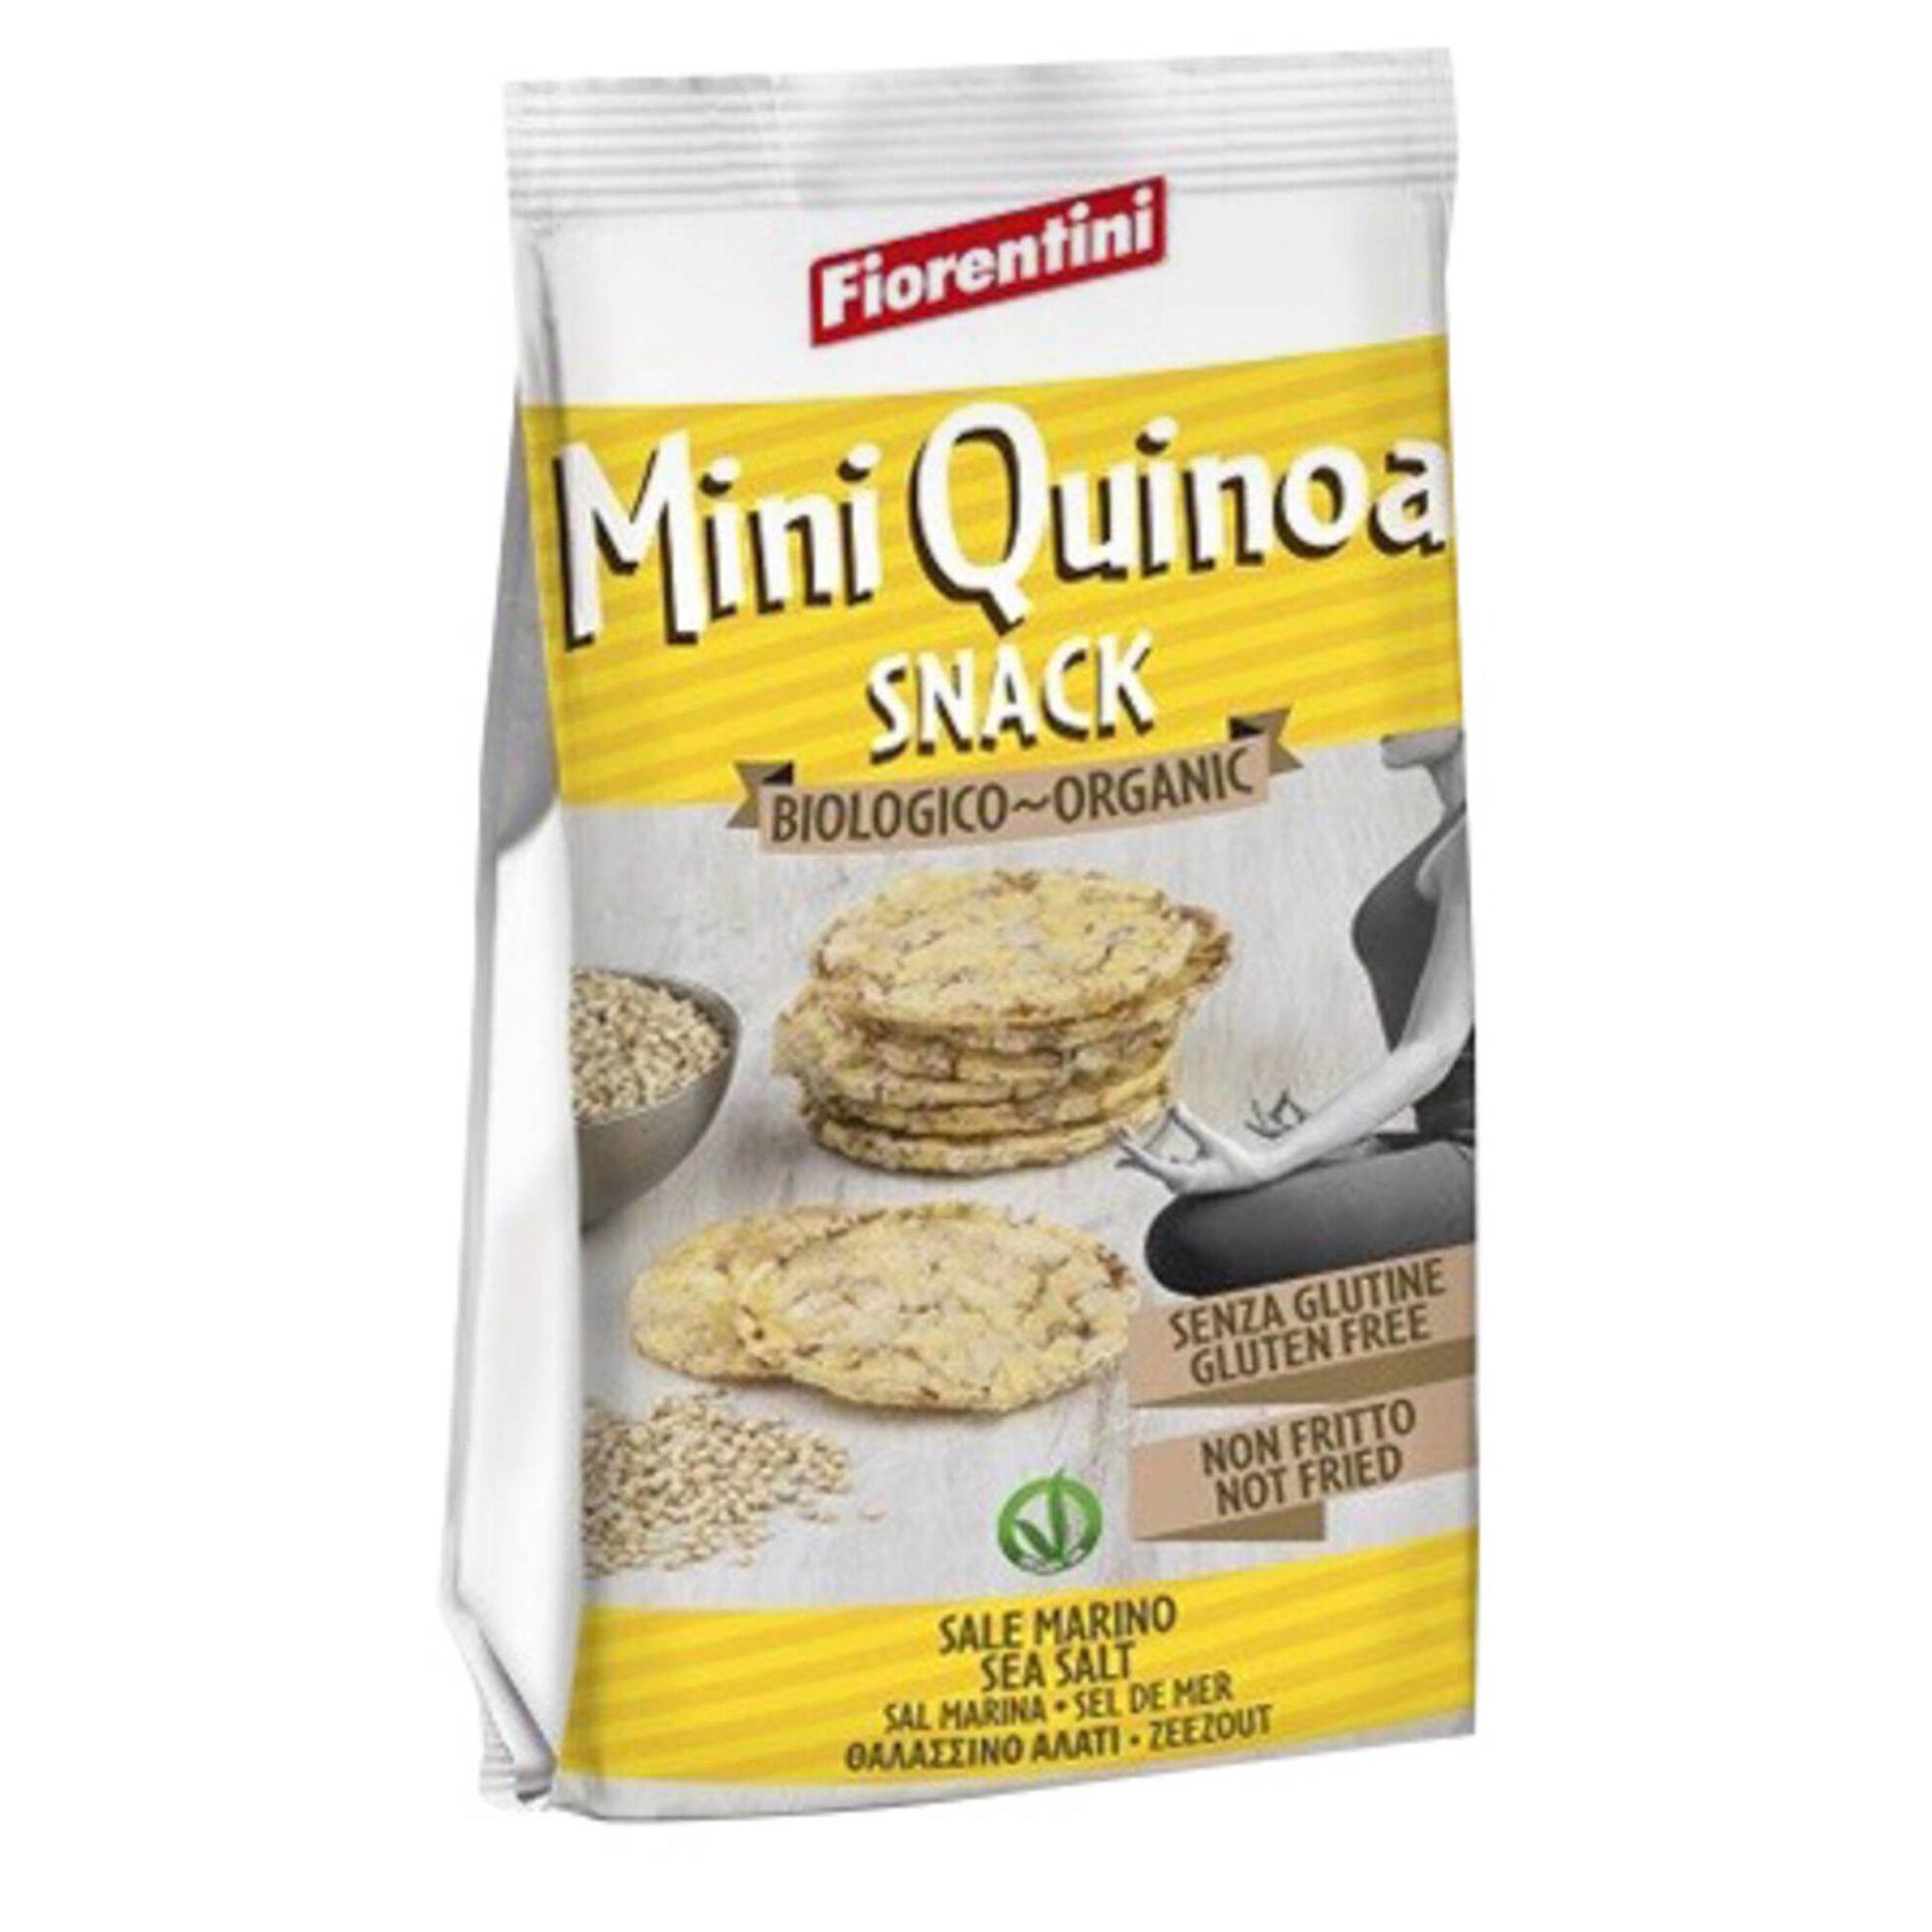 Snack Mini de Milho e Quinoa sem Glúten Biológico